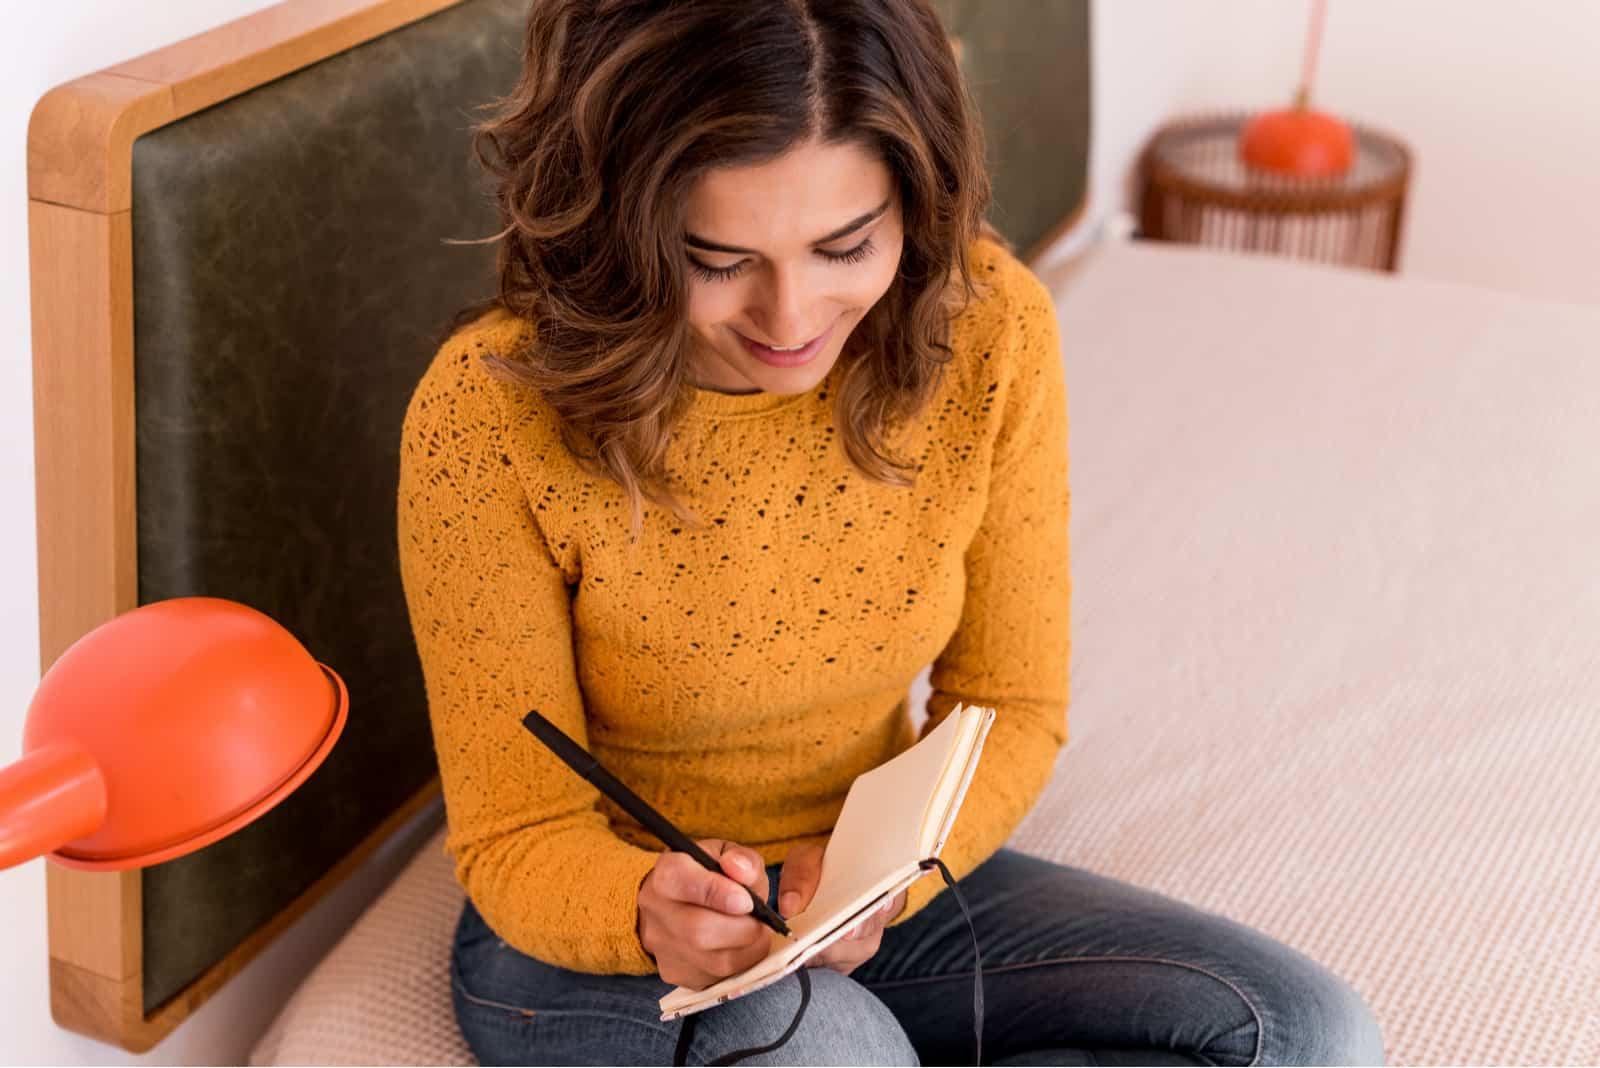 une femme souriante est assise sur le lit et écrit